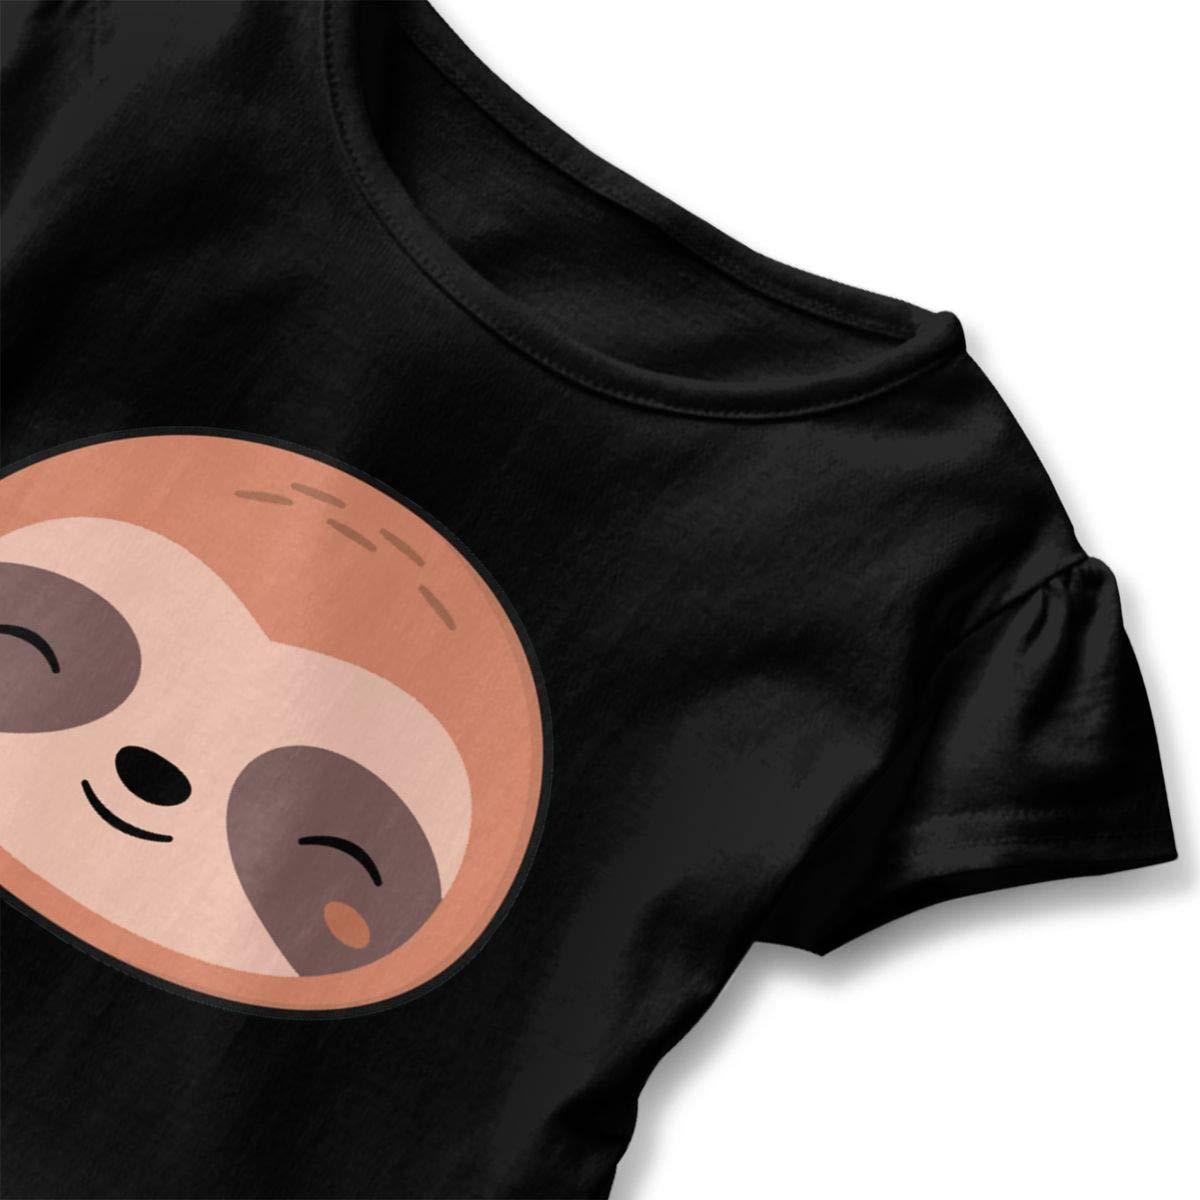 JVNSS Kawaii Cute Sloth Face Shirt Design Baby Girl Flounced T Shirts Shirt Dress for 2-6T Baby Girls